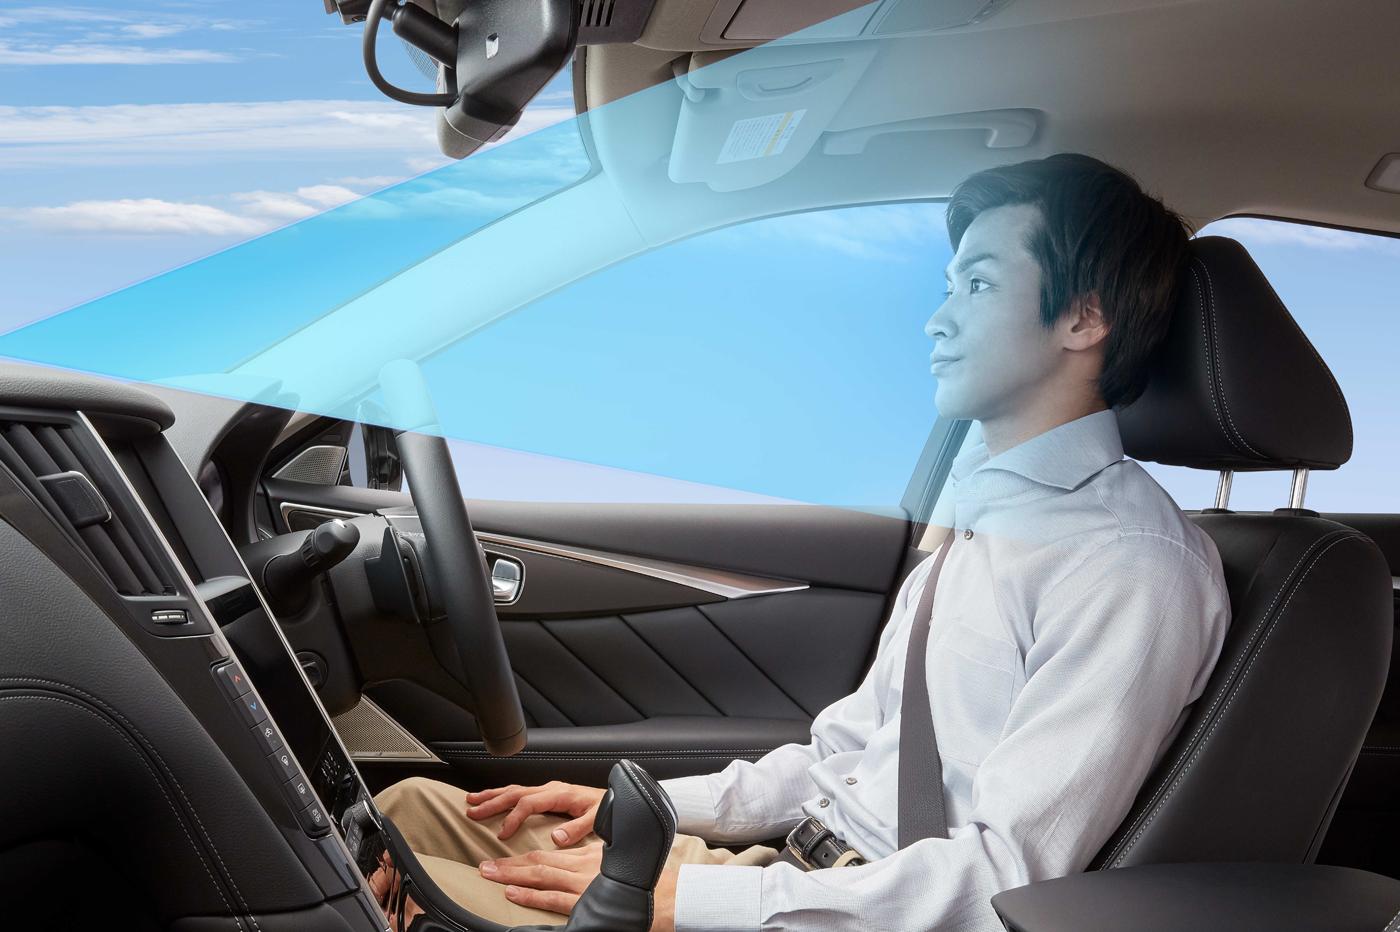 Voilà pourquoi la technologie Nissan ProPilot 2.0 est différente de l'Autopilot Tesla